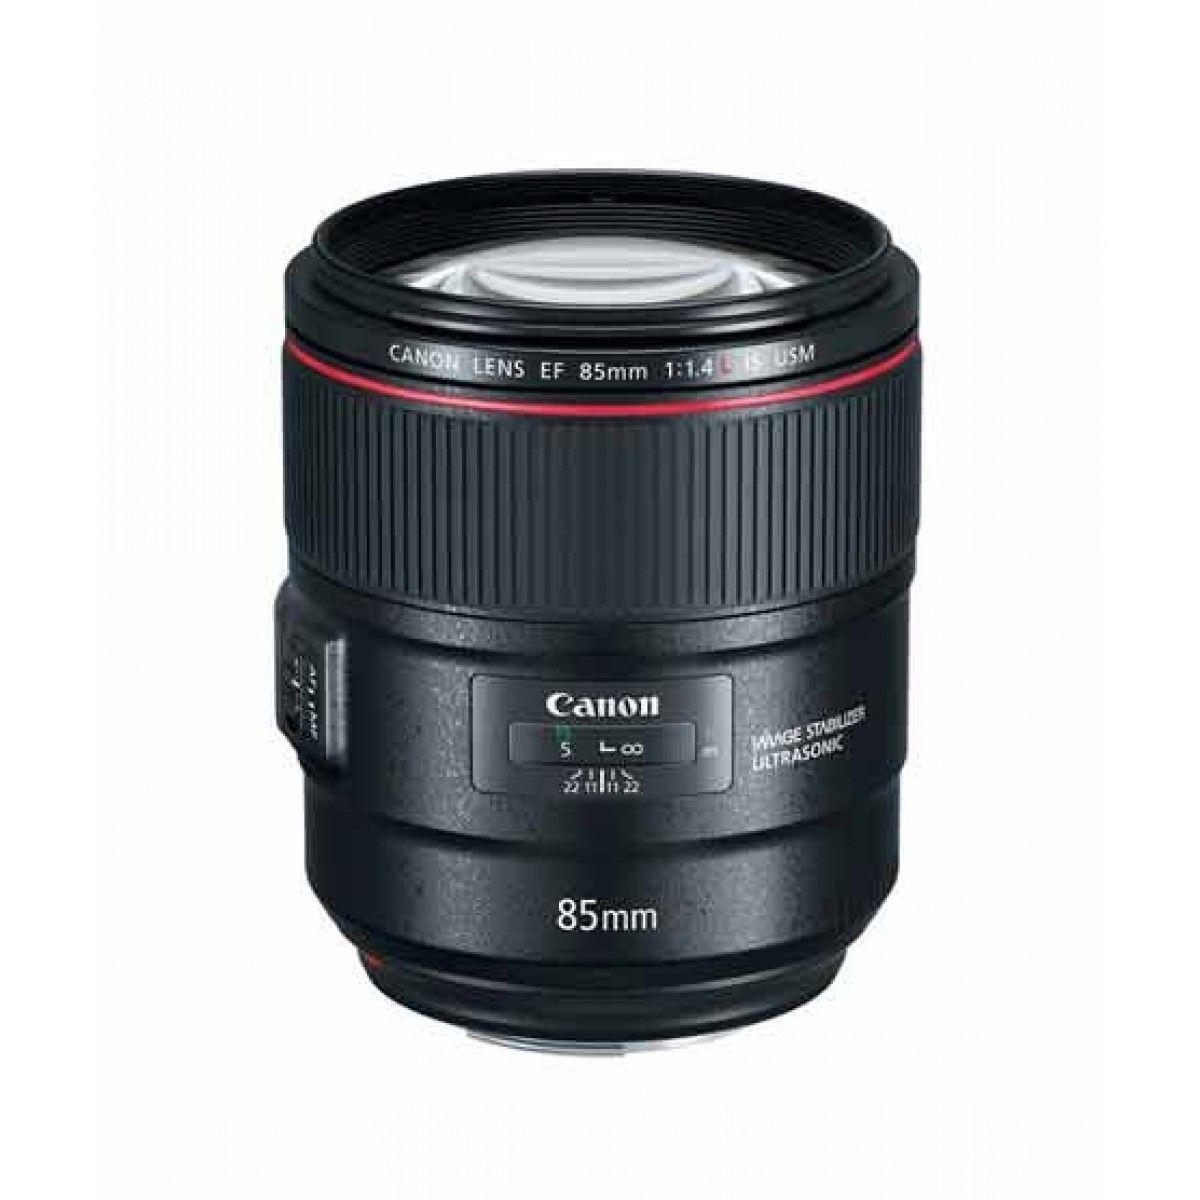 Canon EF 85mm f 1.4L IS USM Lens